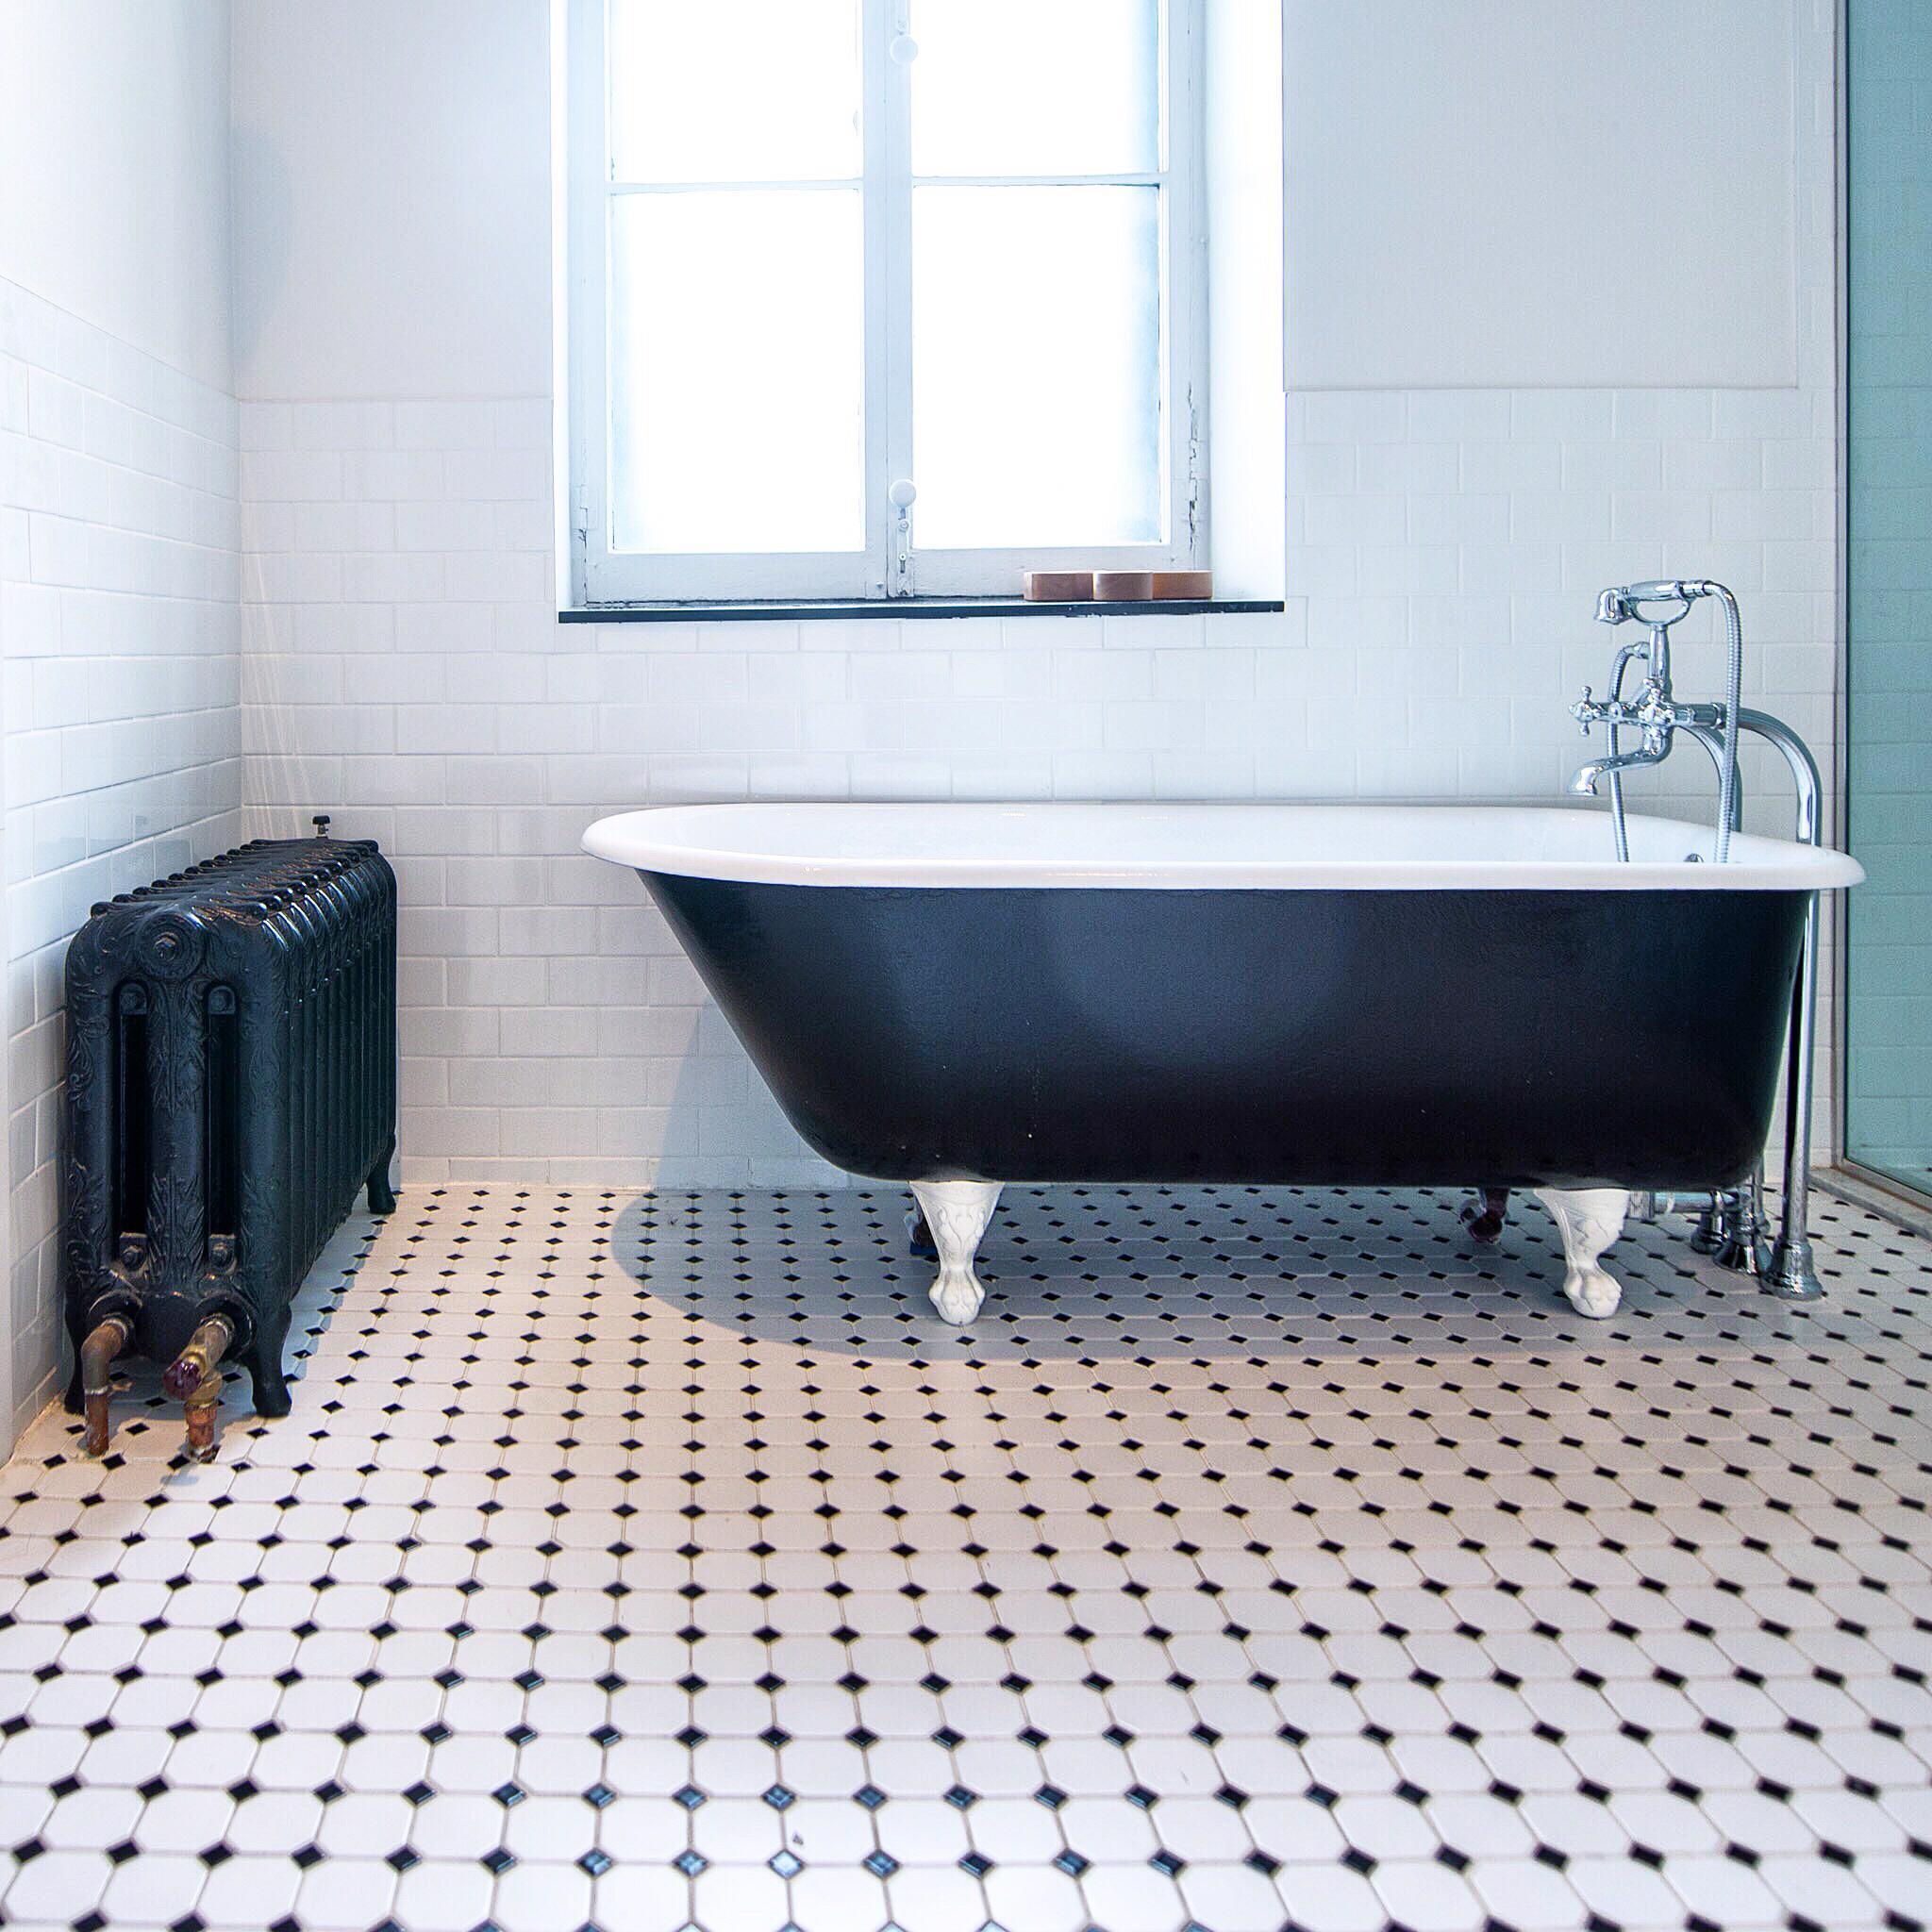 Bathroom Design Video bathroom design trends to look for in 2017